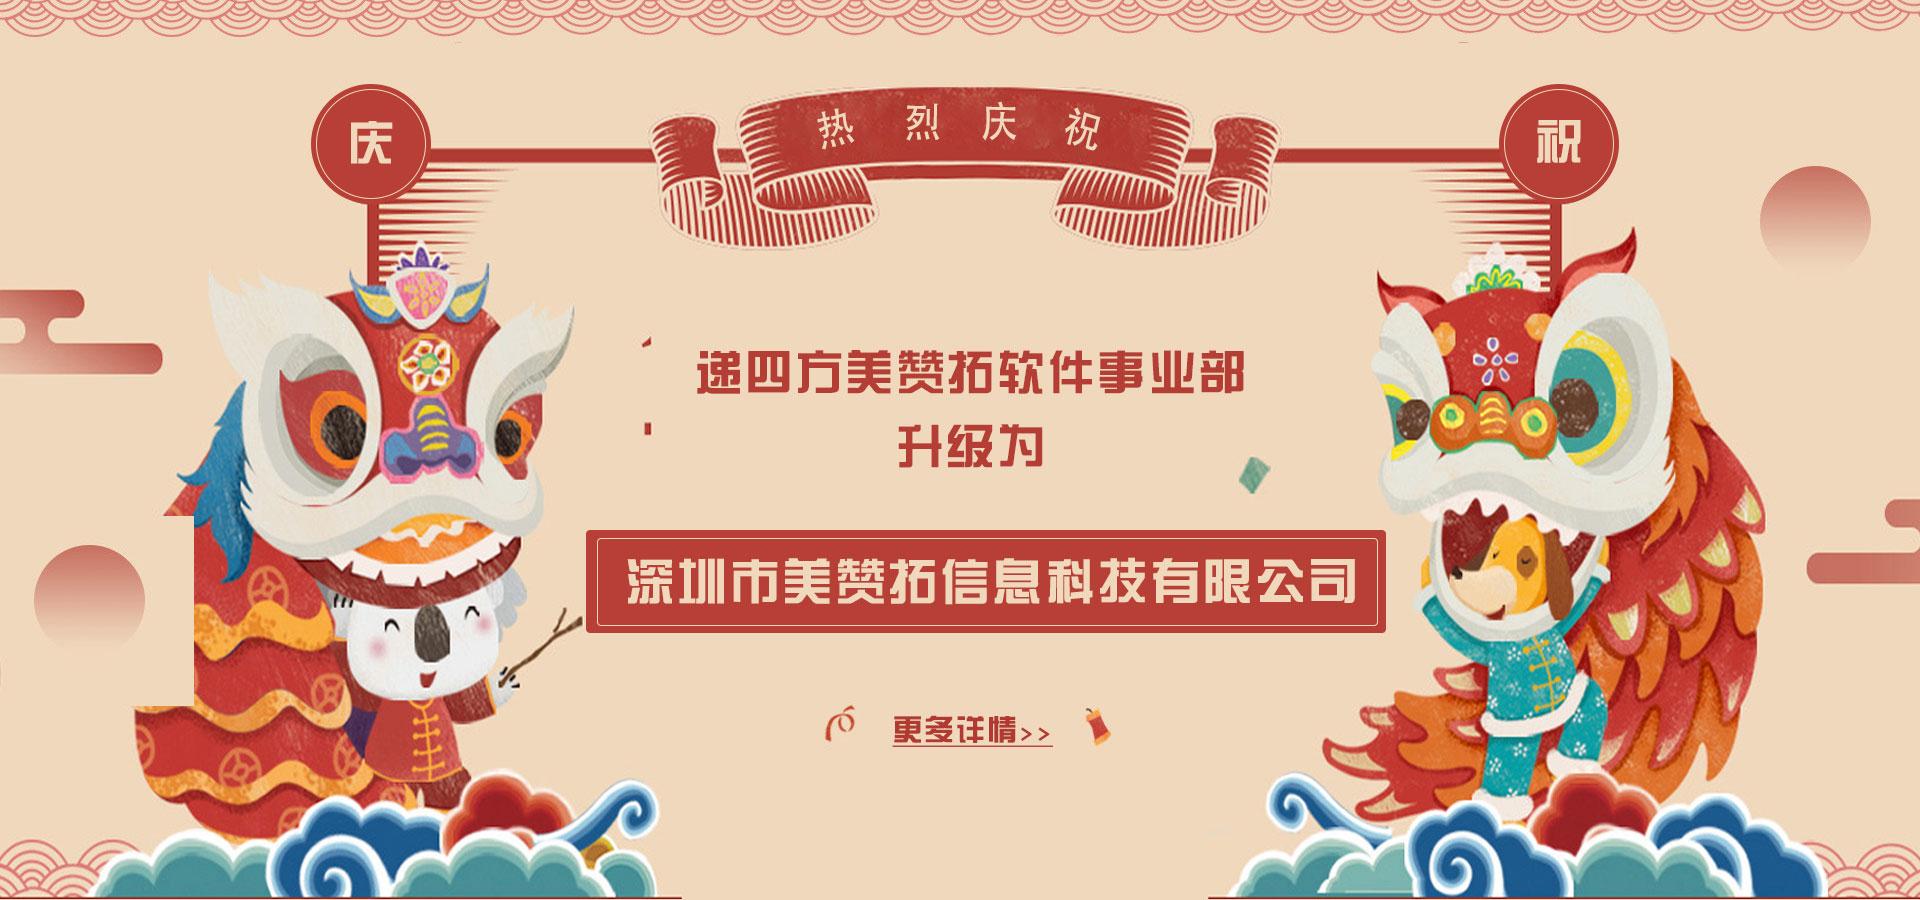 美赞拓升级升级为深圳市美赞拓信息科技有限公司